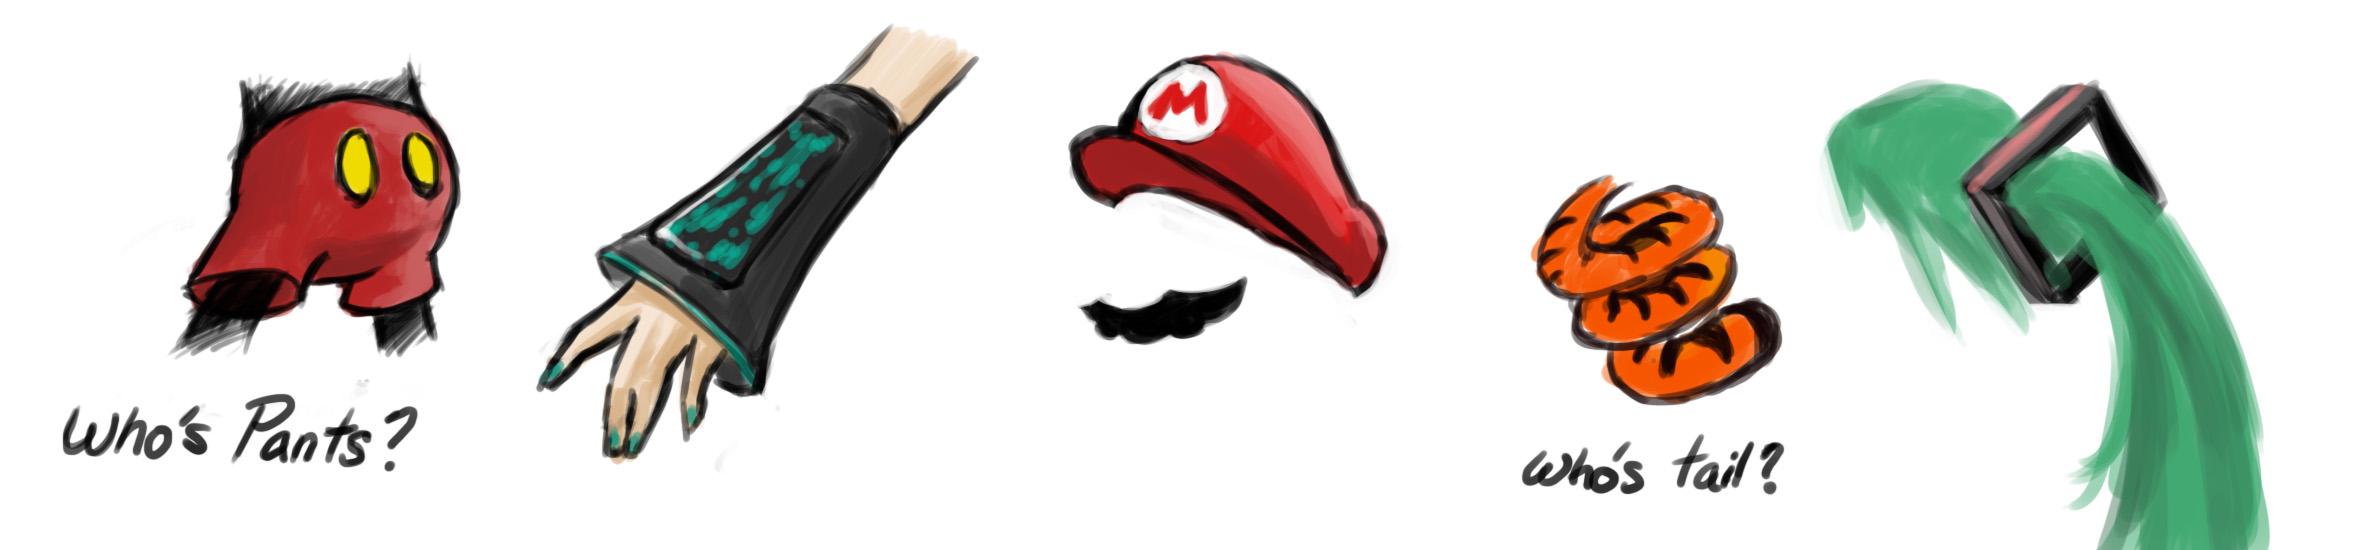 Big Detail Mascot Parts